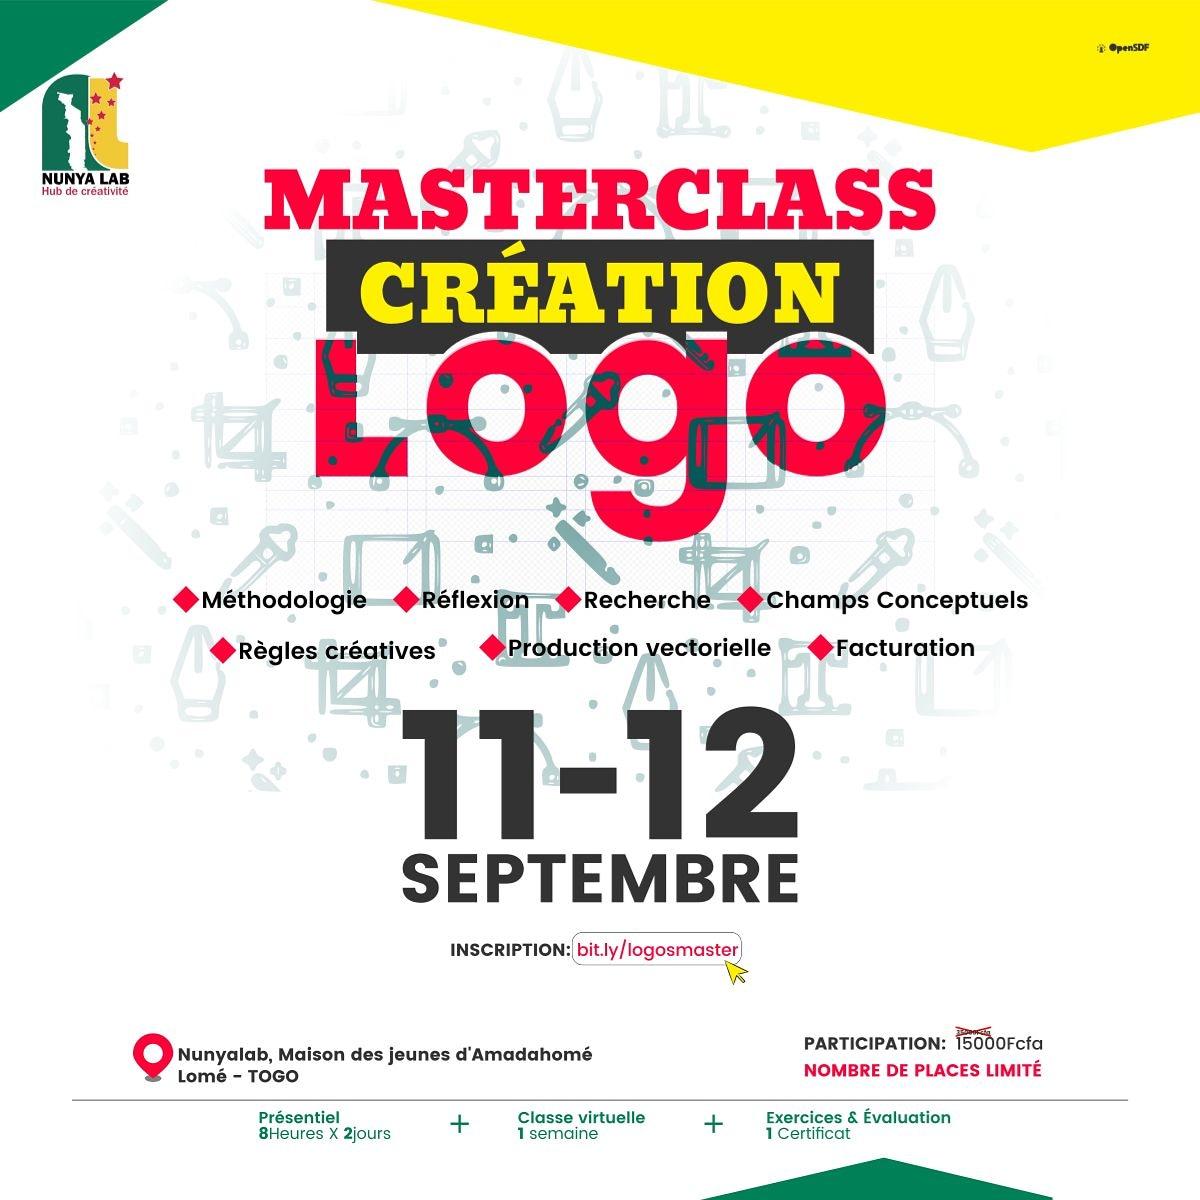 Le Logo est le premier élément d'une identité visuelle et l'expression d'une Marque. Comment le créer ? Participez à la MasterClass animée par @OpenSDF30 pour maîtriser les bases de la conception.  Inscrivez-vous via: https://t.co/7wuFzuiNEc  Coût: 15.000f  #masterclass #Logo https://t.co/RukL8ukjp2